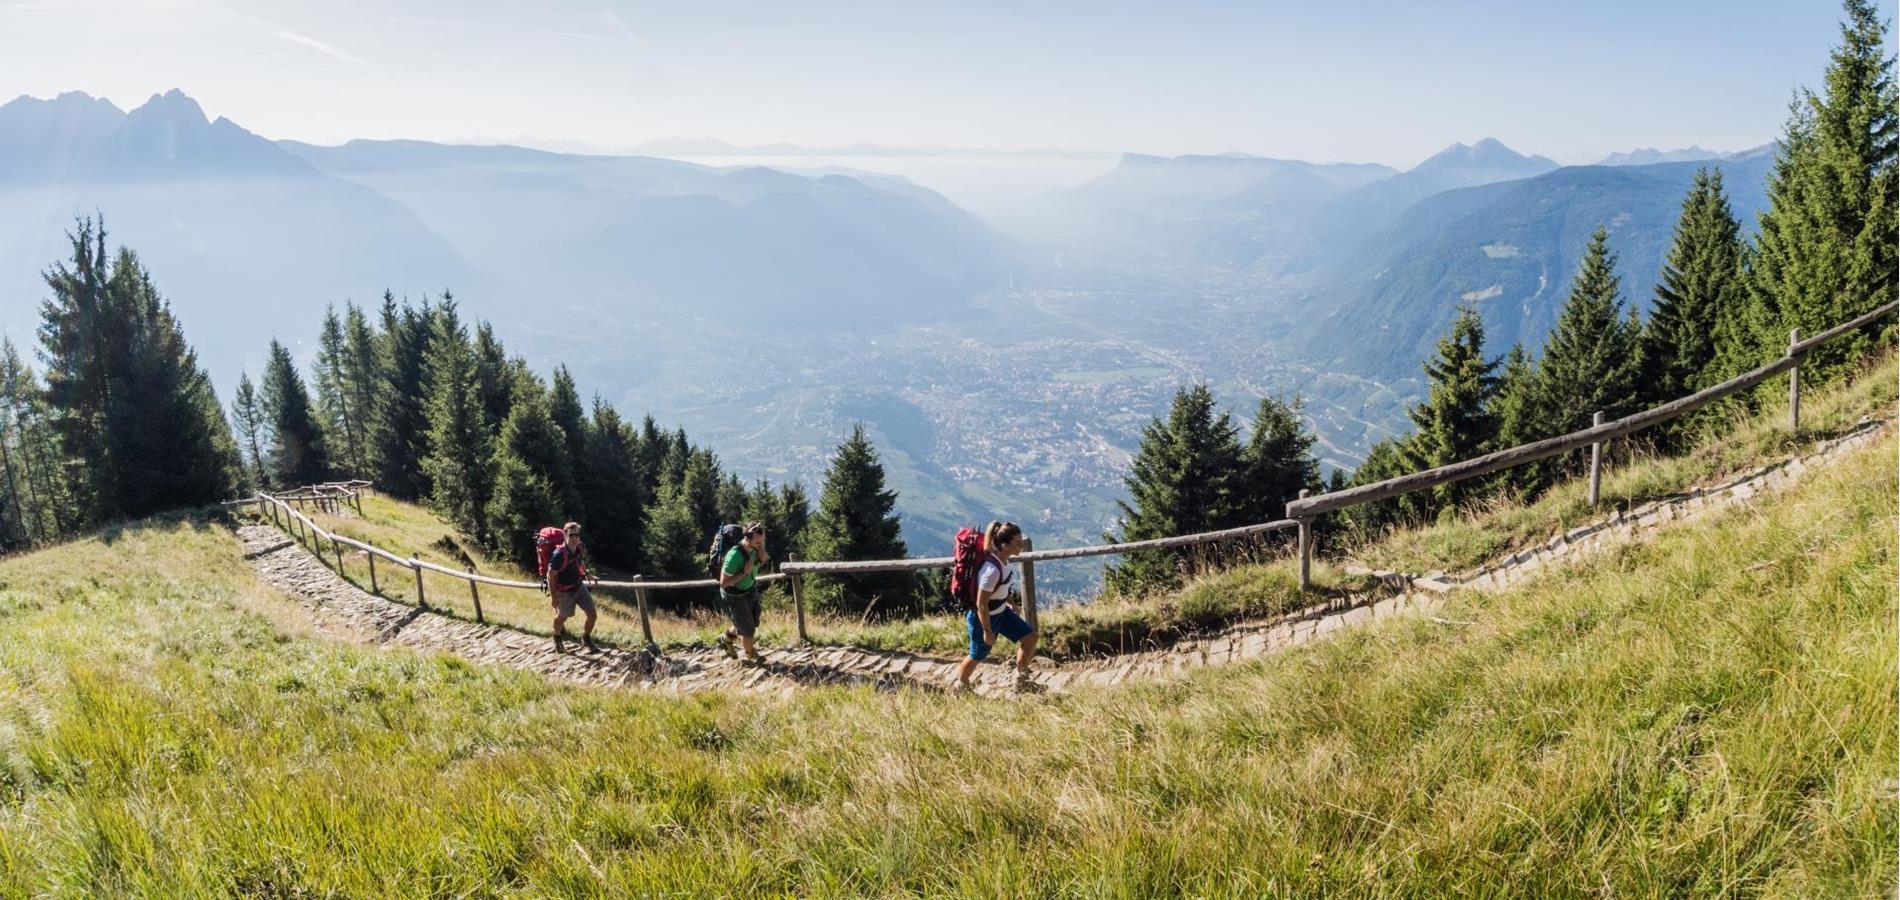 Alta Via di Merano a Tirolo: Giro attorno al Gruppo di Tessa